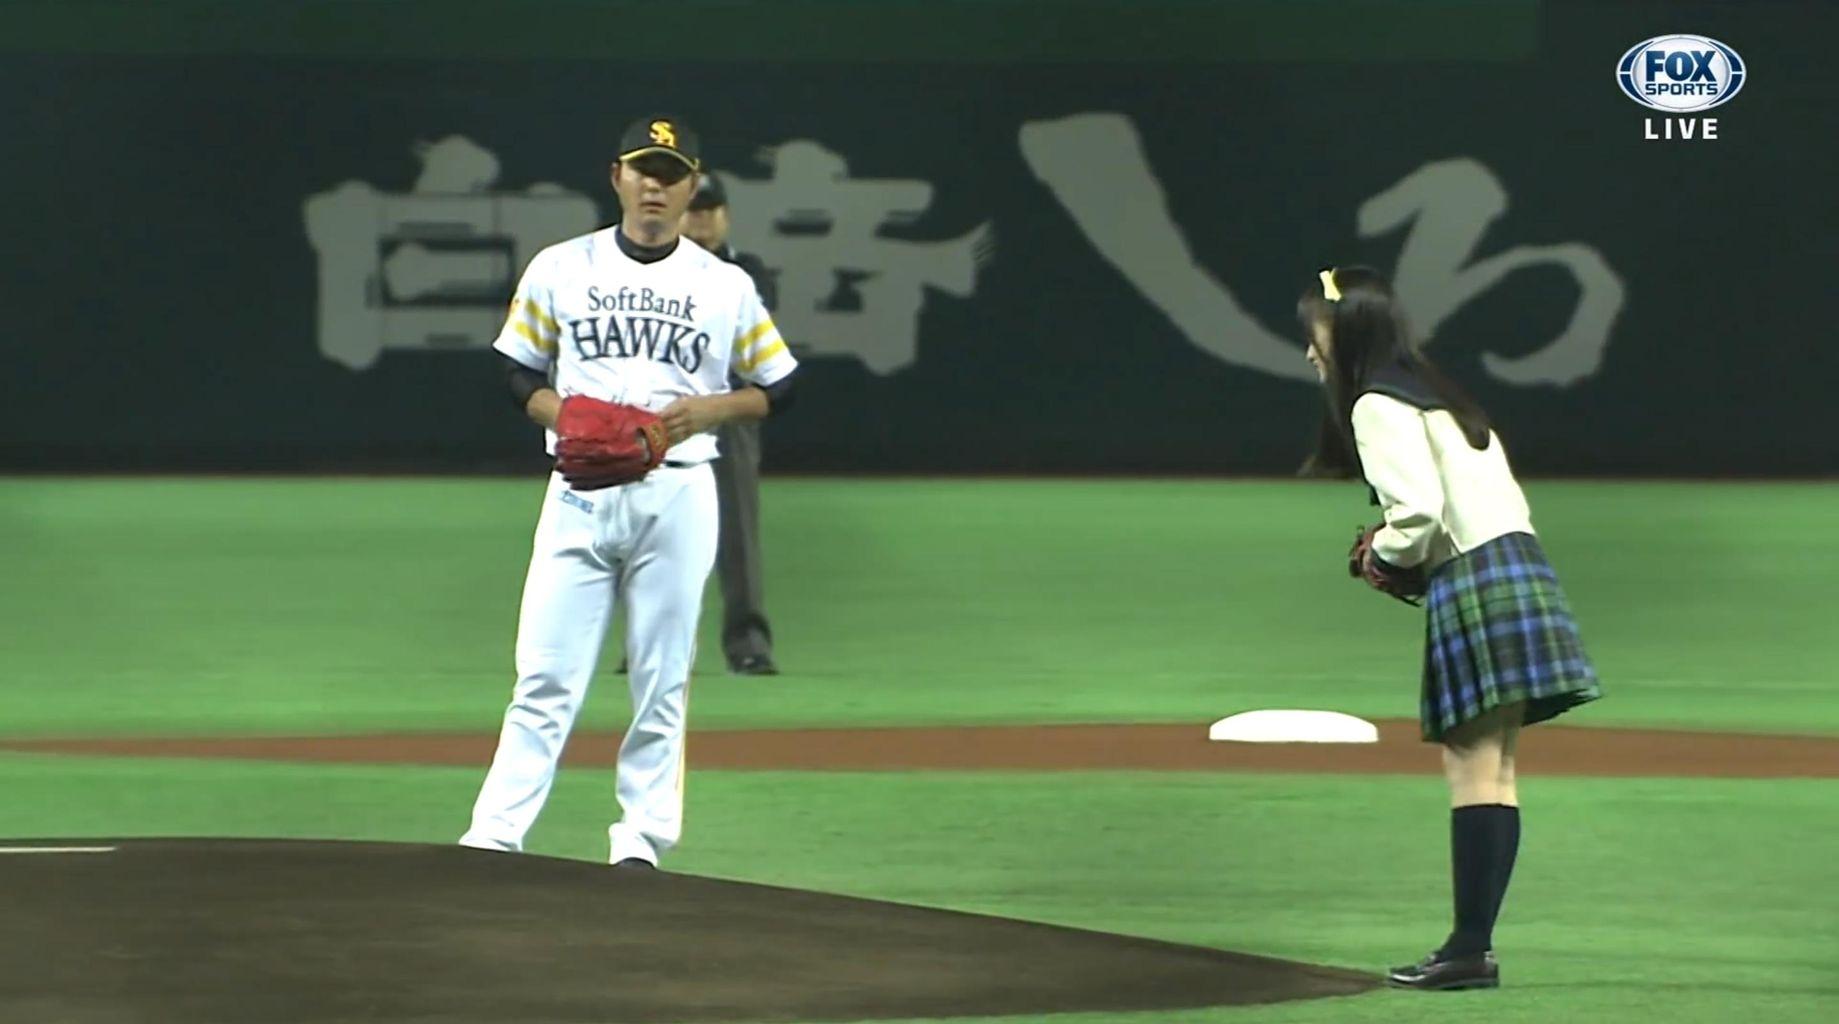 橋本環奈「始球式宜しくお願いします!」 摂津「…」